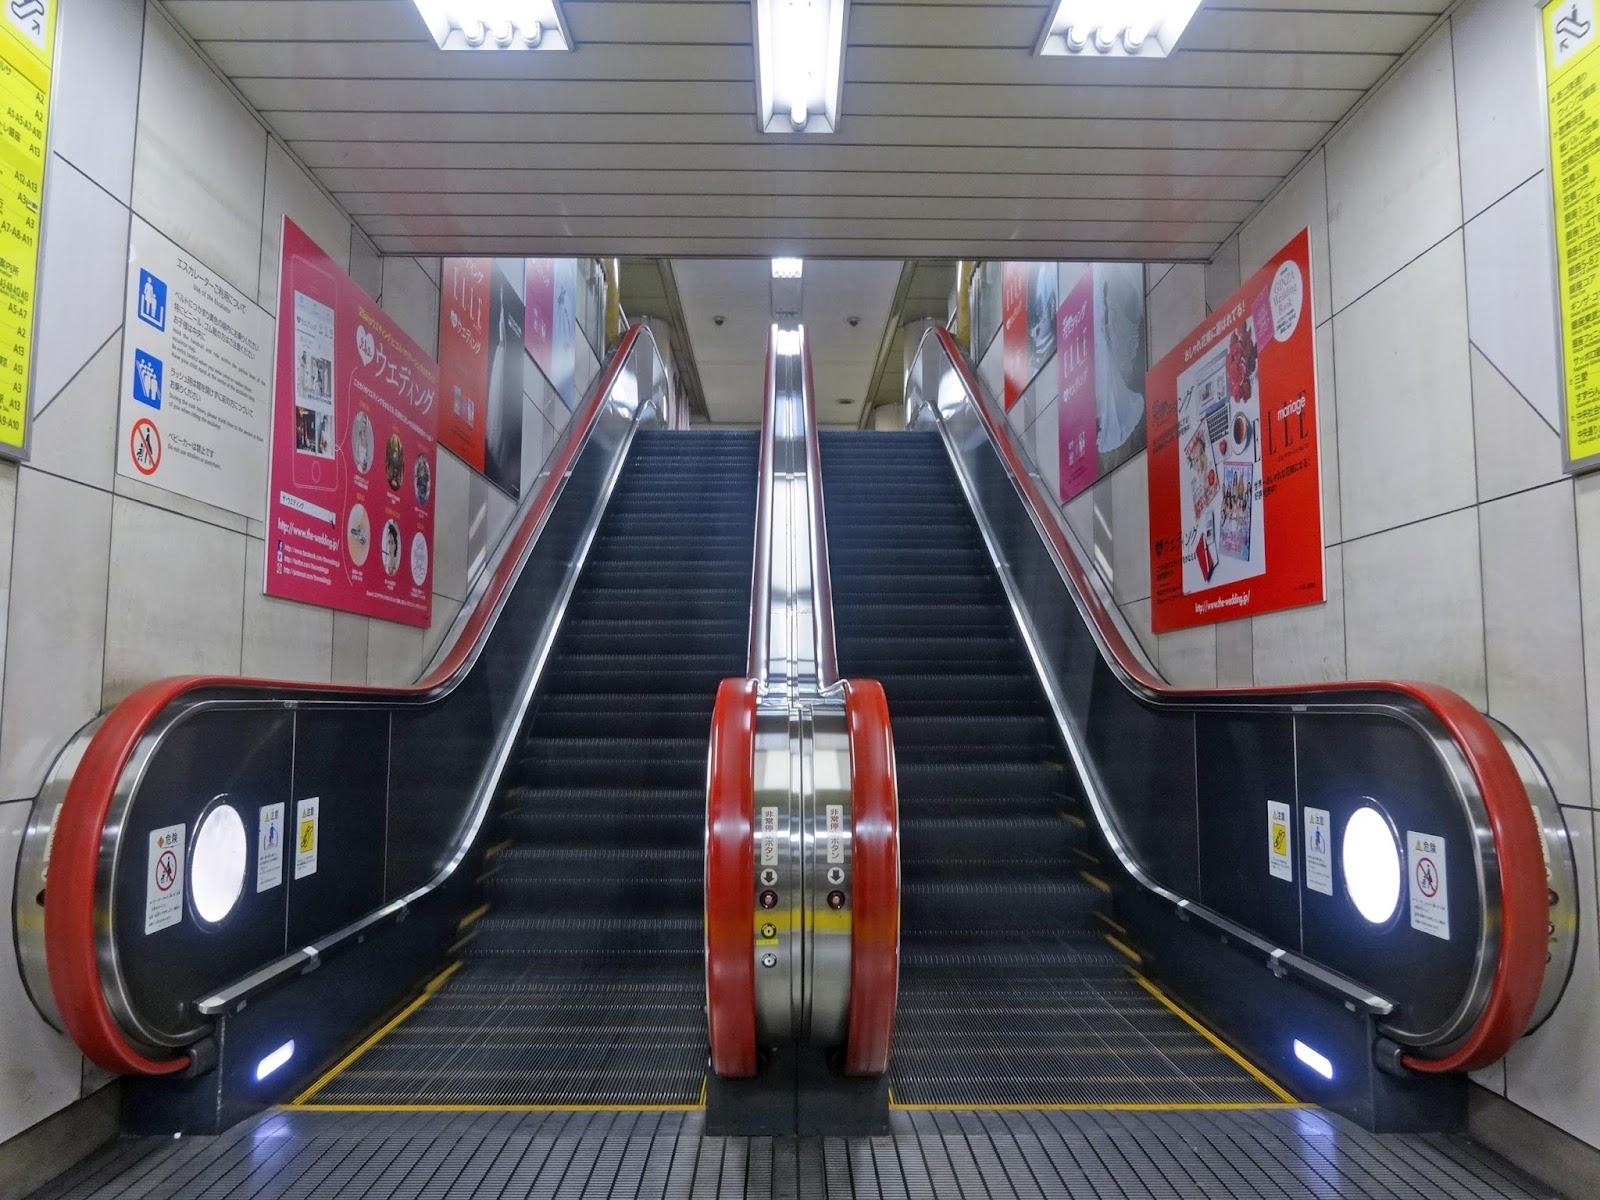 エスカレーター,銀座駅〈著作権フリー画像〉Free Stock Photos